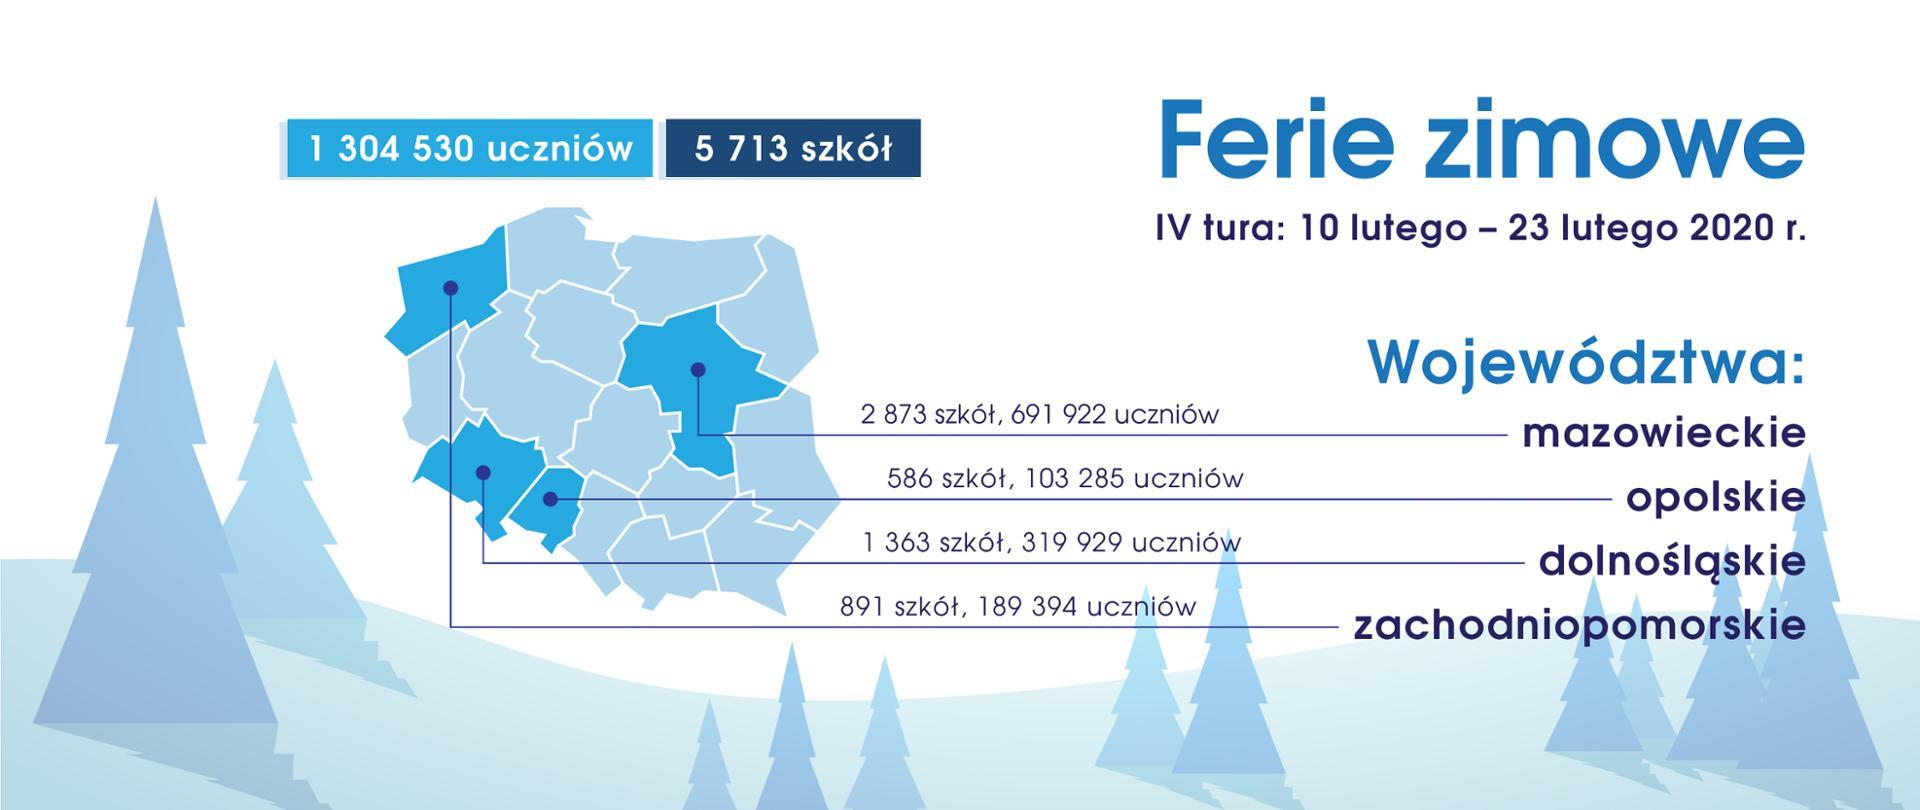 Ferie zimowe – IV tura: 10 lutego – 23 lutego 2020 r. Grafika przedstawiająca mapę Polski, zimowy krajobraz oraz informację o IV turze ferii zimowych dla województw: mazowieckiego, opolskiego, dolnośląskiego i zachodniopomorskiego.